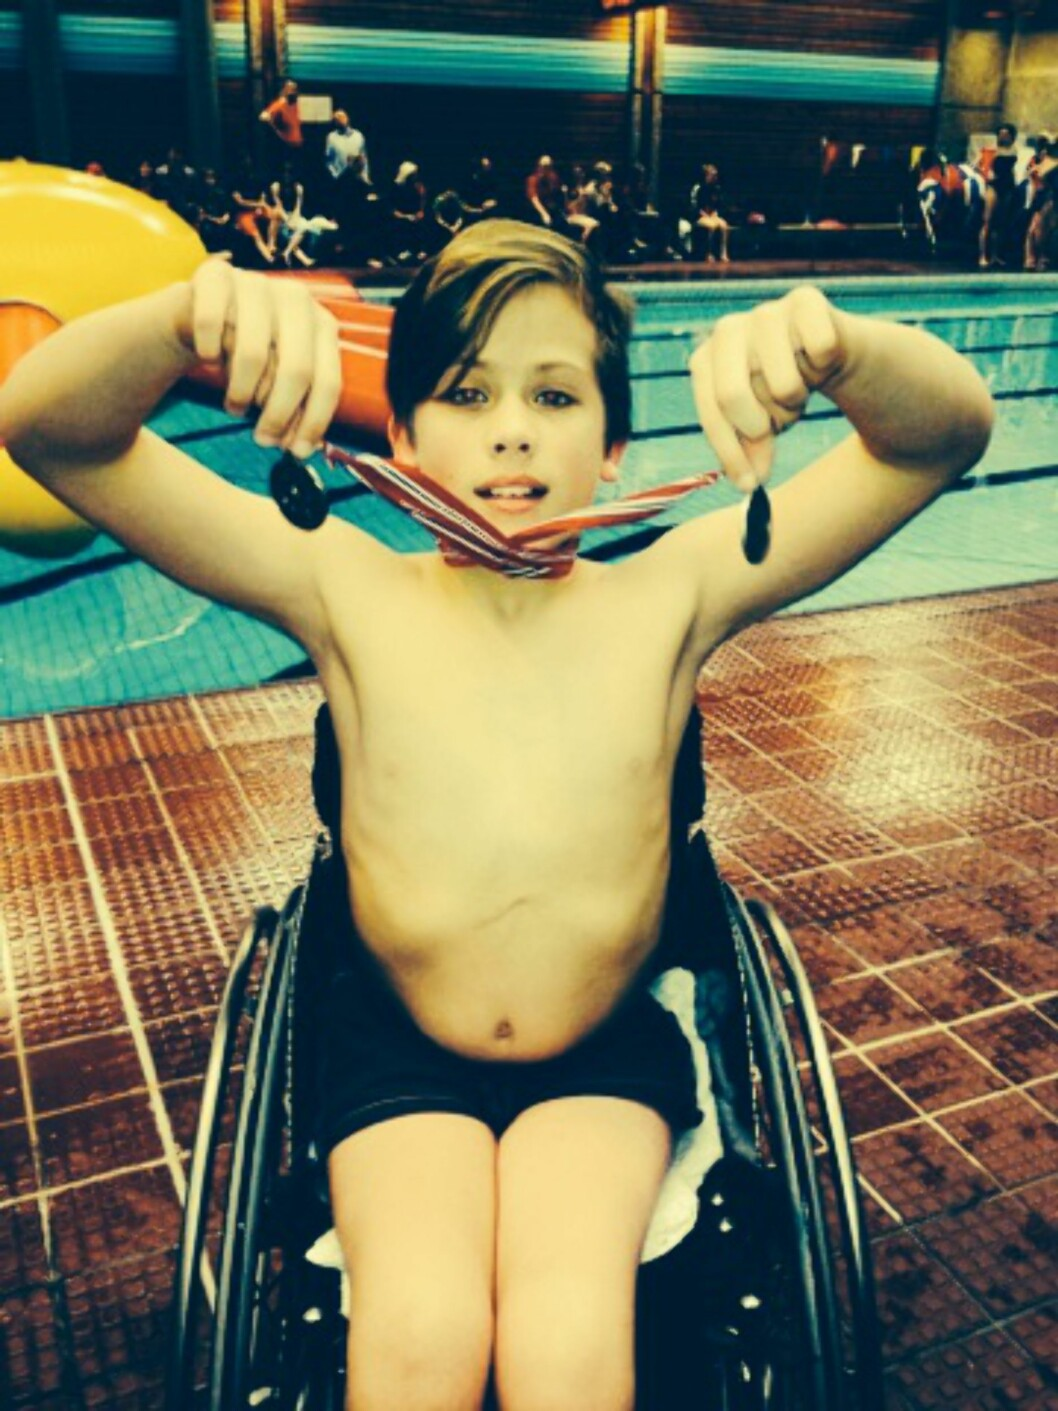 AKTIV SVØMMER: Henrik svømmer både rygg, crawl og sculling. Foto: Privat